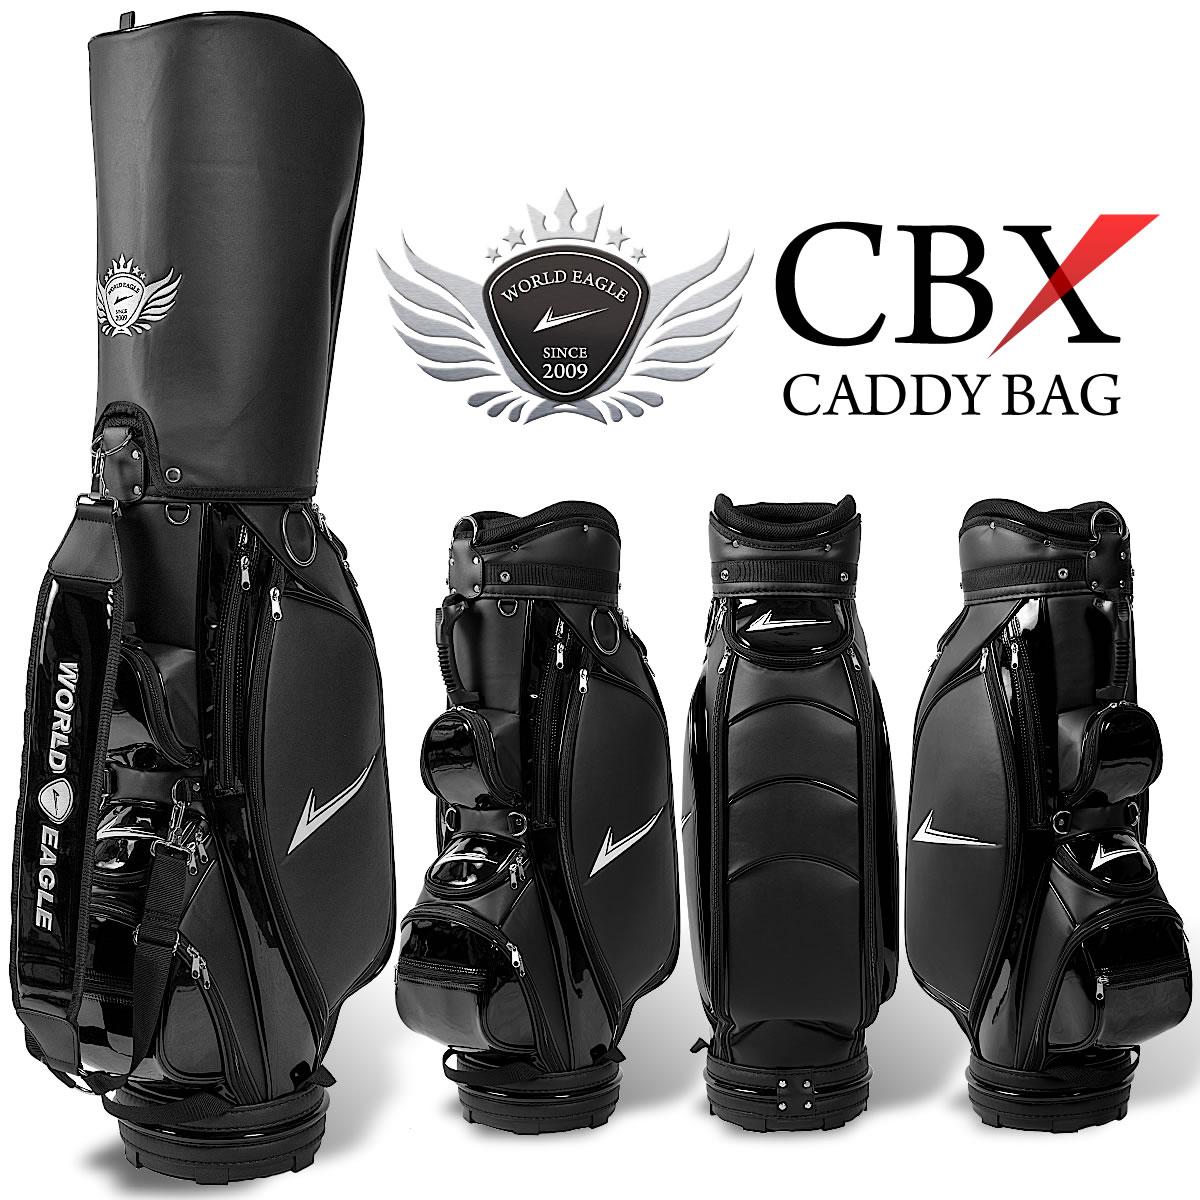 ワールドイーグル キャディバッグ CBX001 ブラック【add-option】